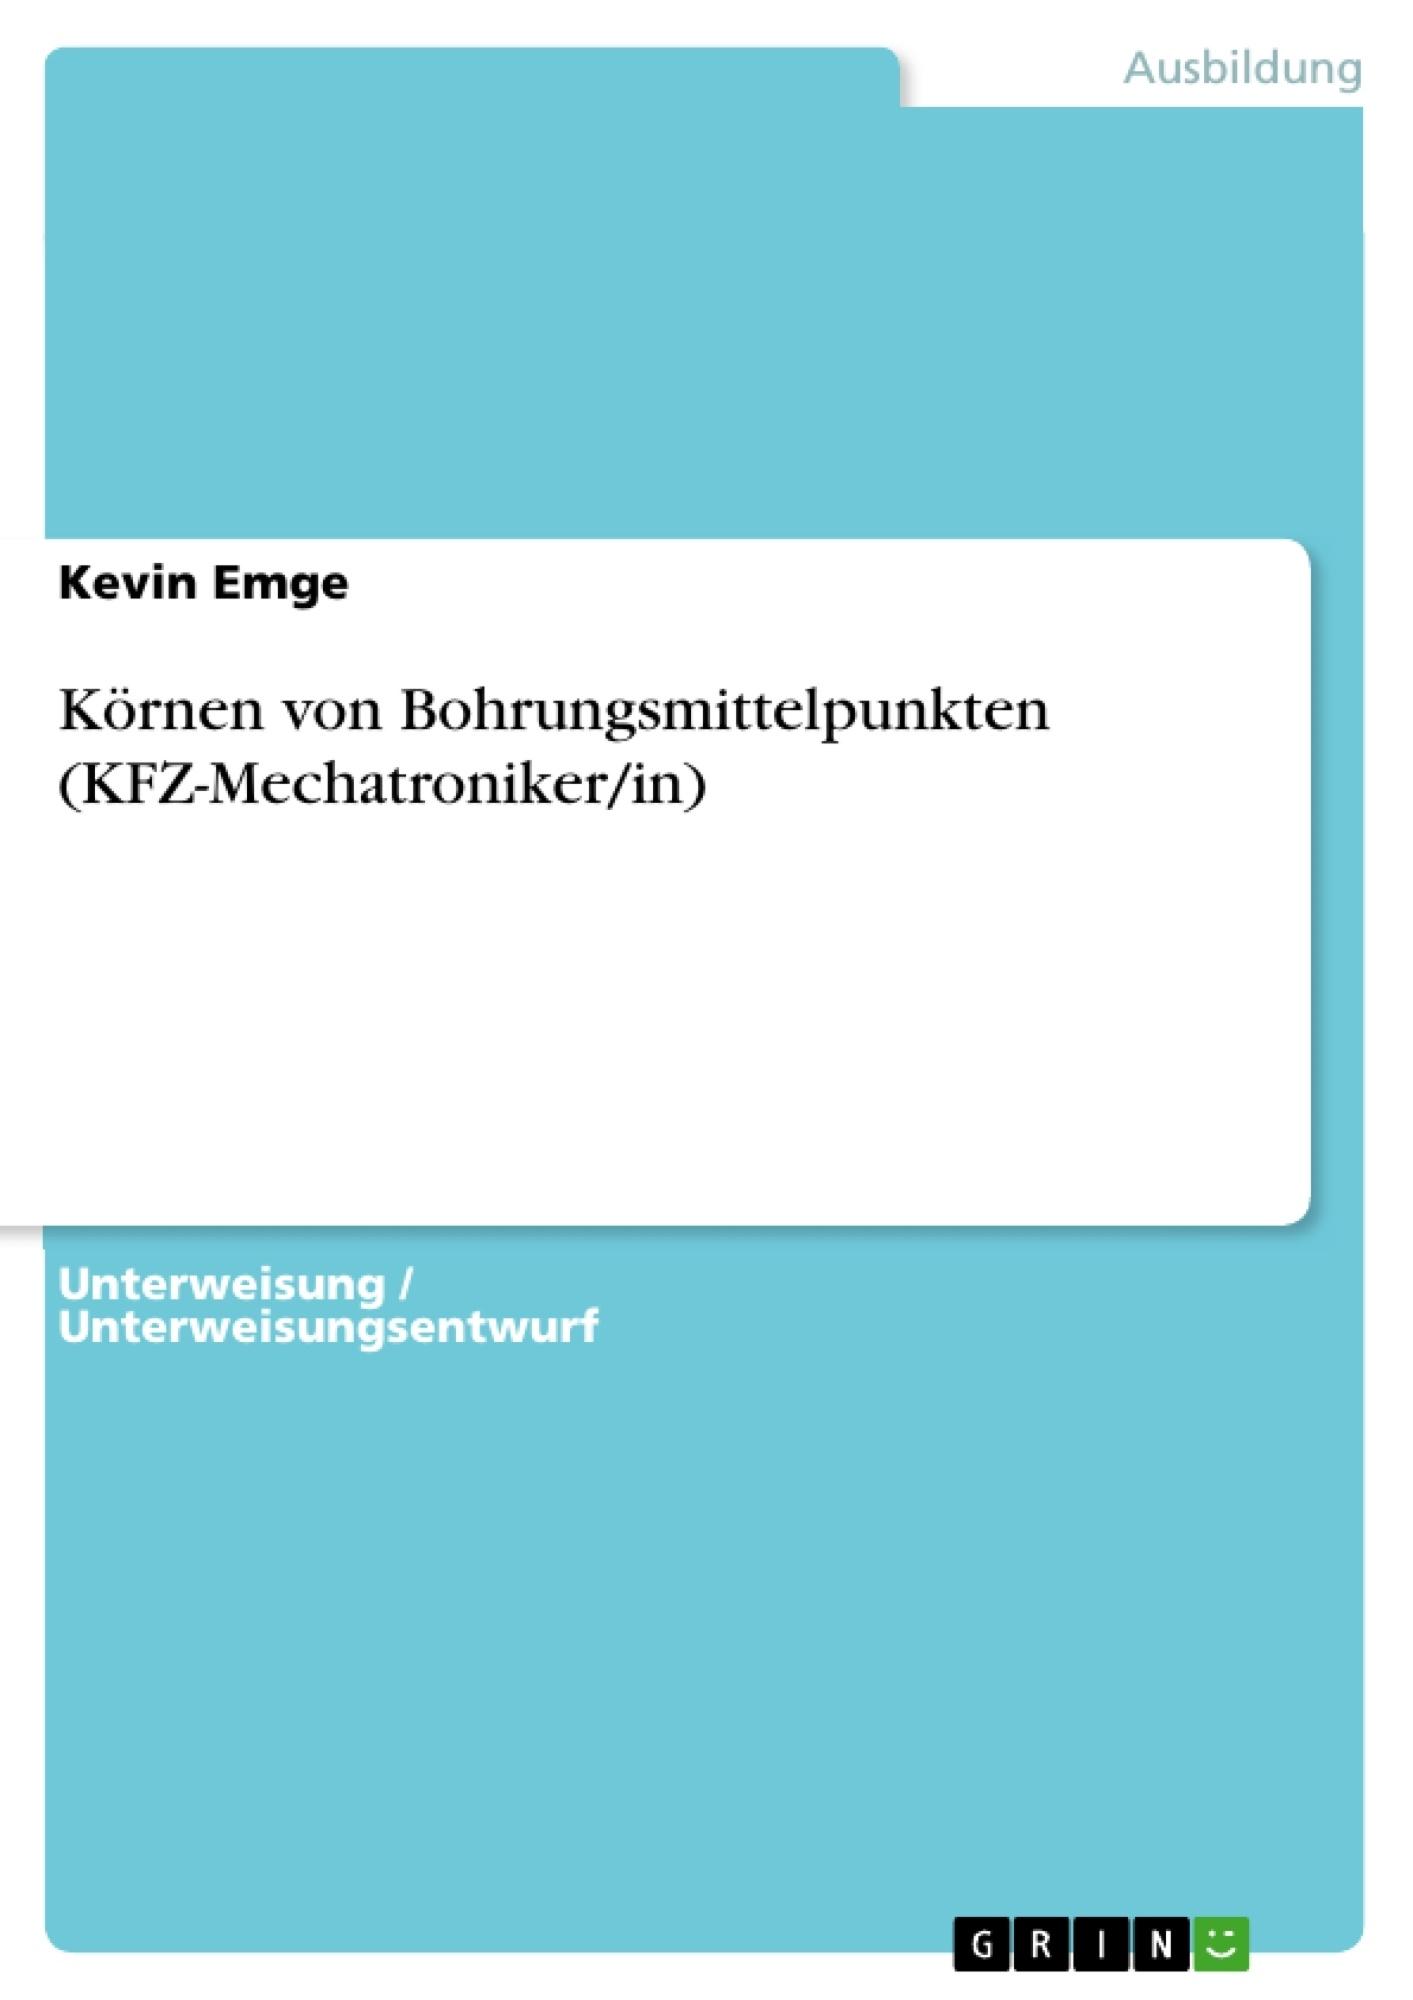 Titel: Körnen von Bohrungsmittelpunkten (KFZ-Mechatroniker/in)